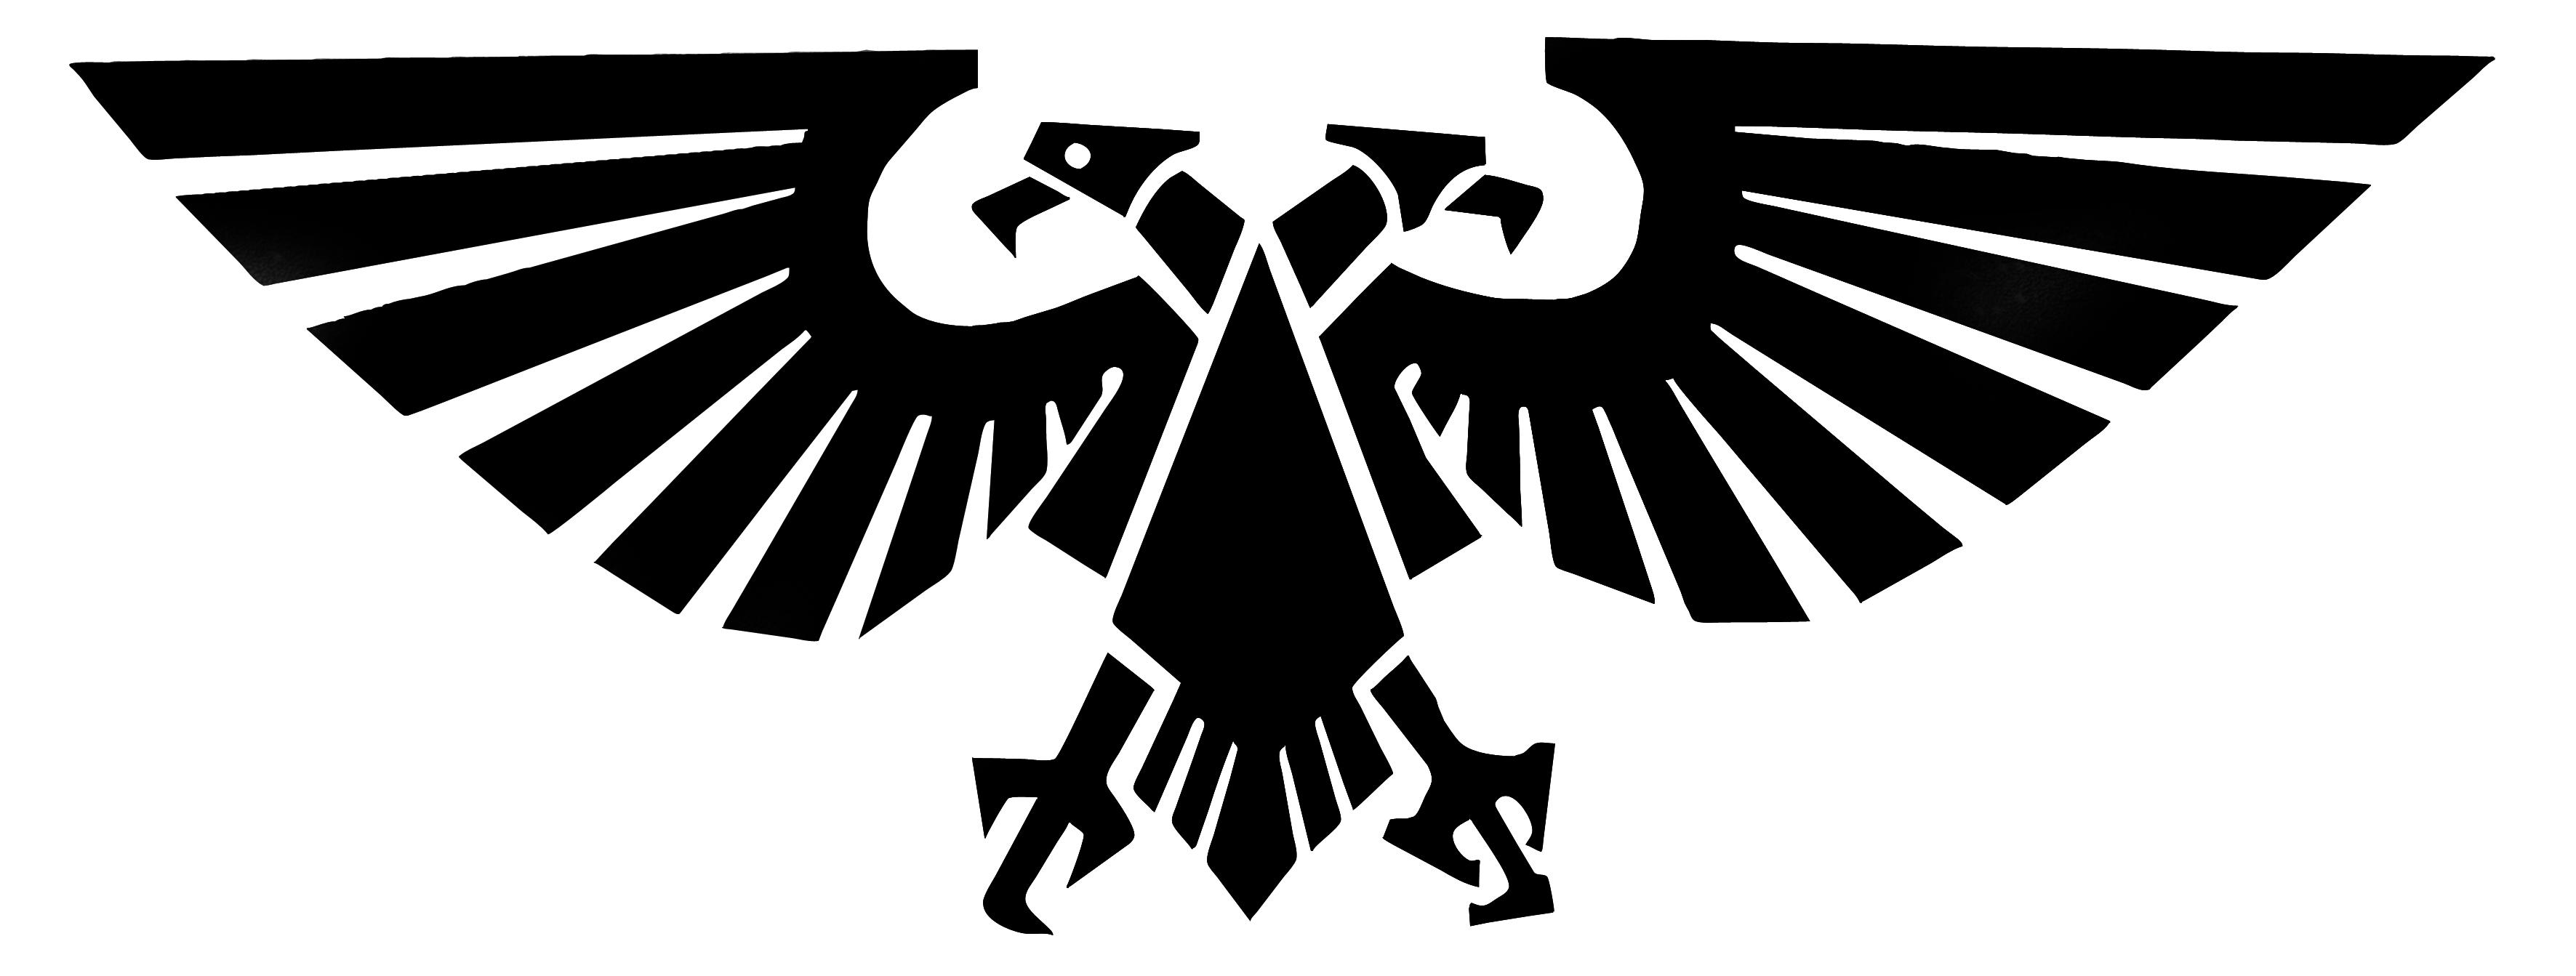 Aquila warhammer 40k fandom powered by wikia aquila buycottarizona Gallery